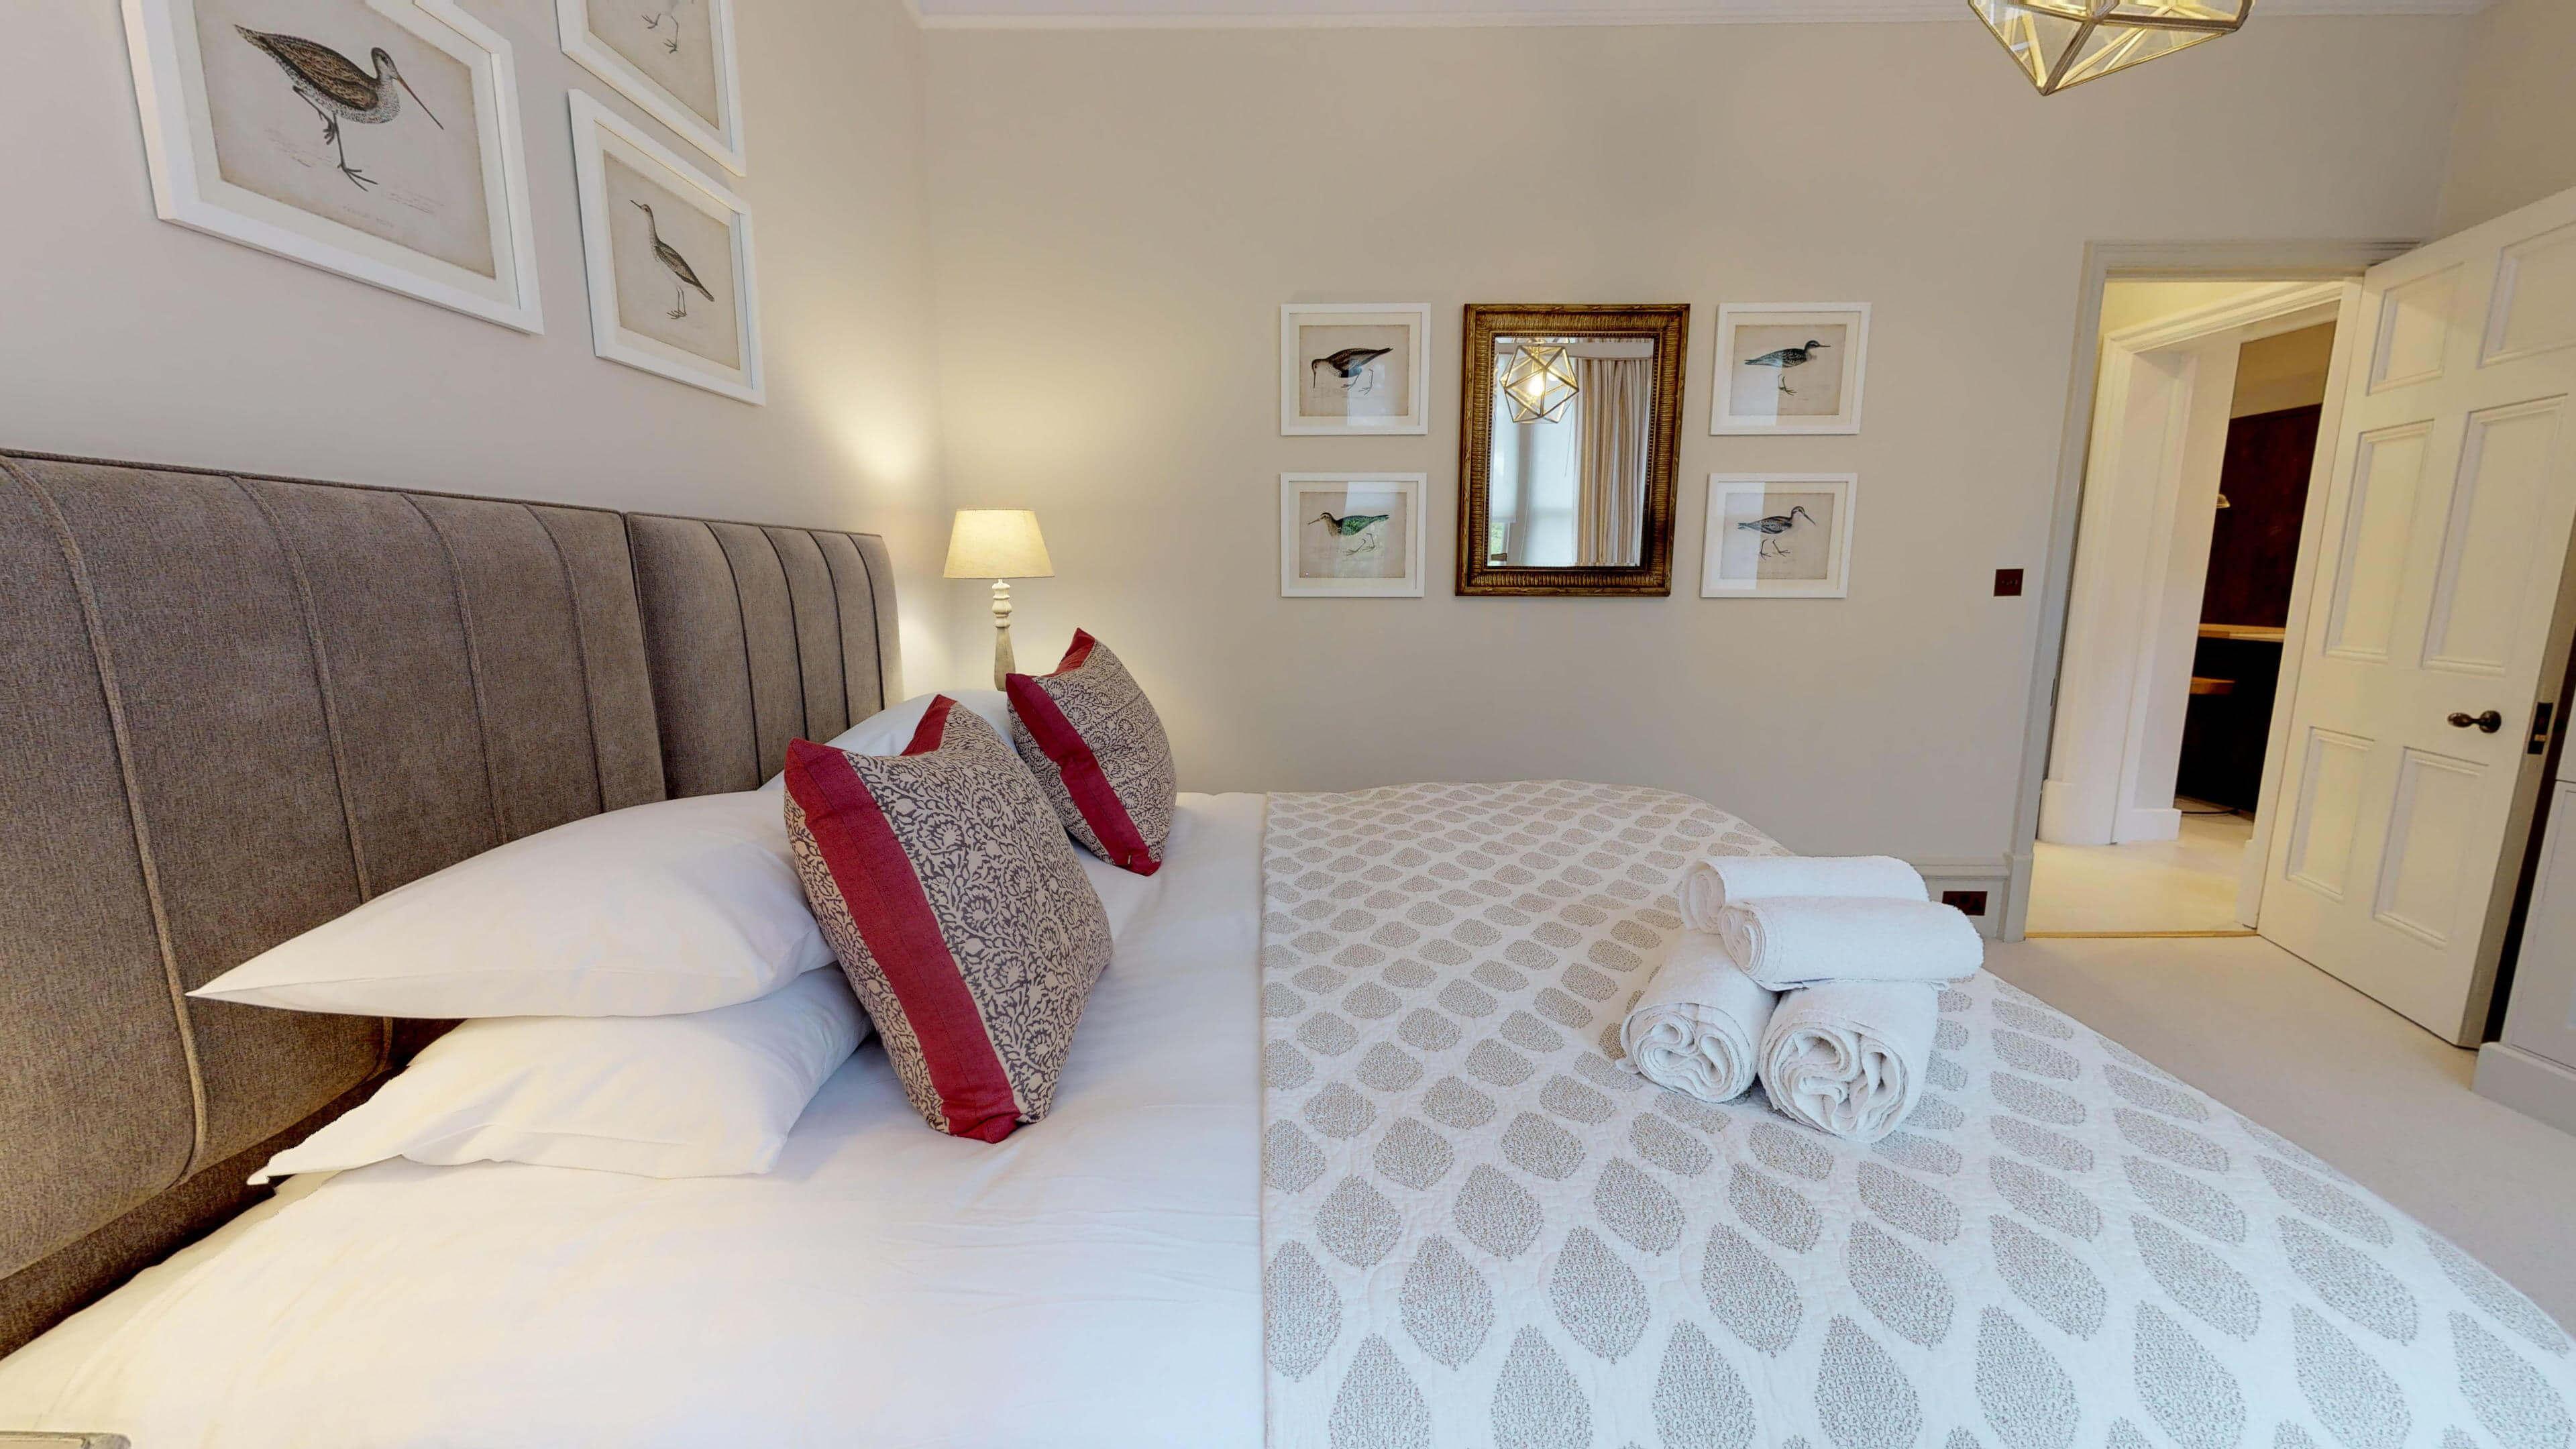 Rawlinson Road Garden Suite 06272019 082152